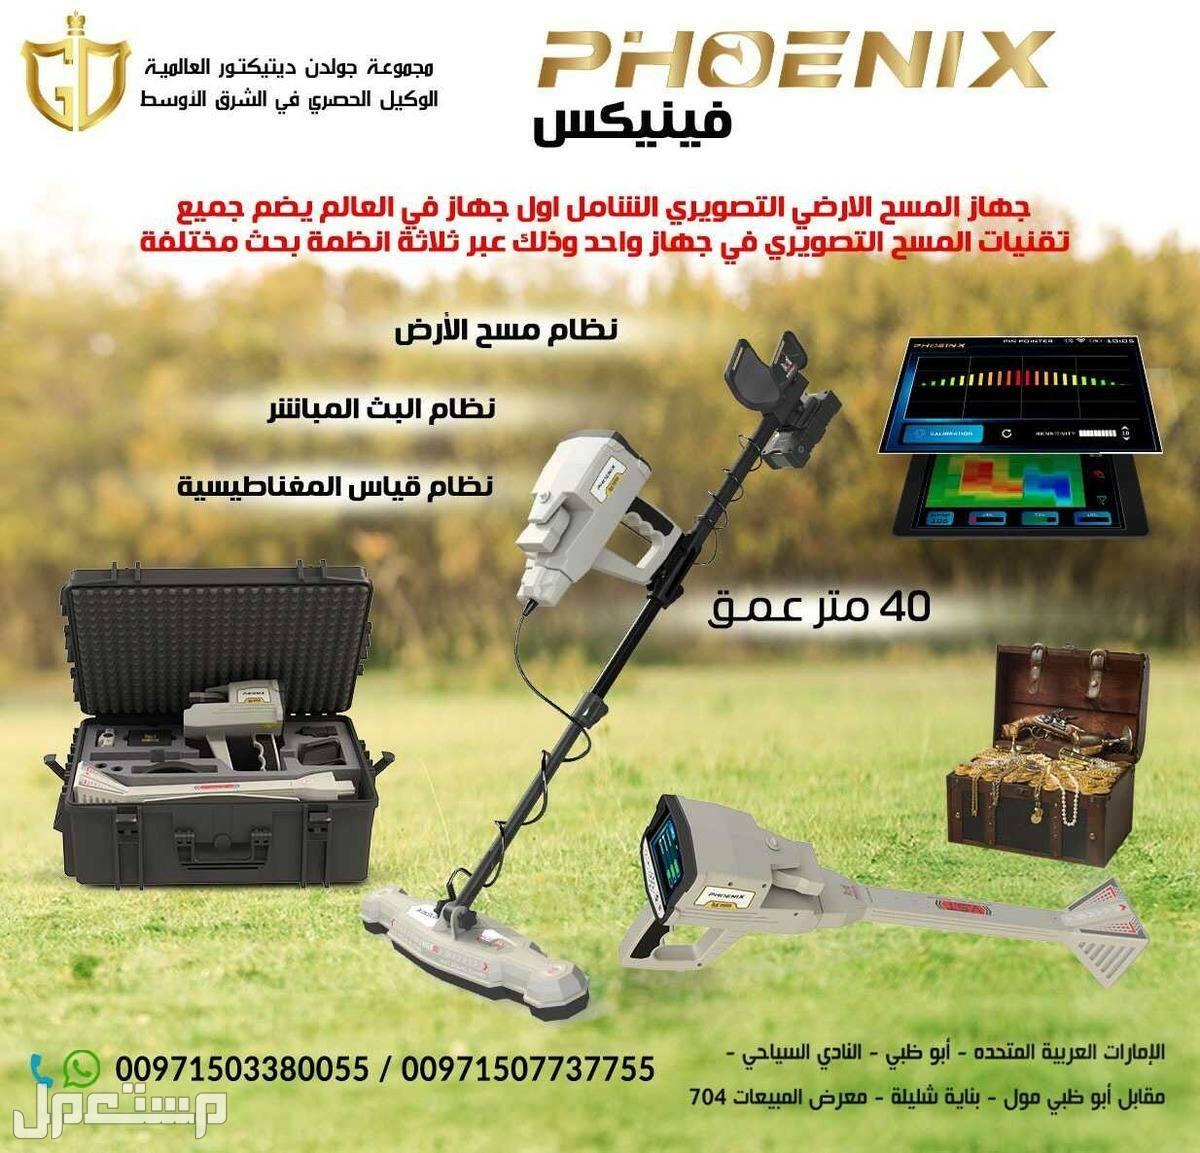 فينيكس – Phoenix جهاز كشف المعادن التصويري فينيكس